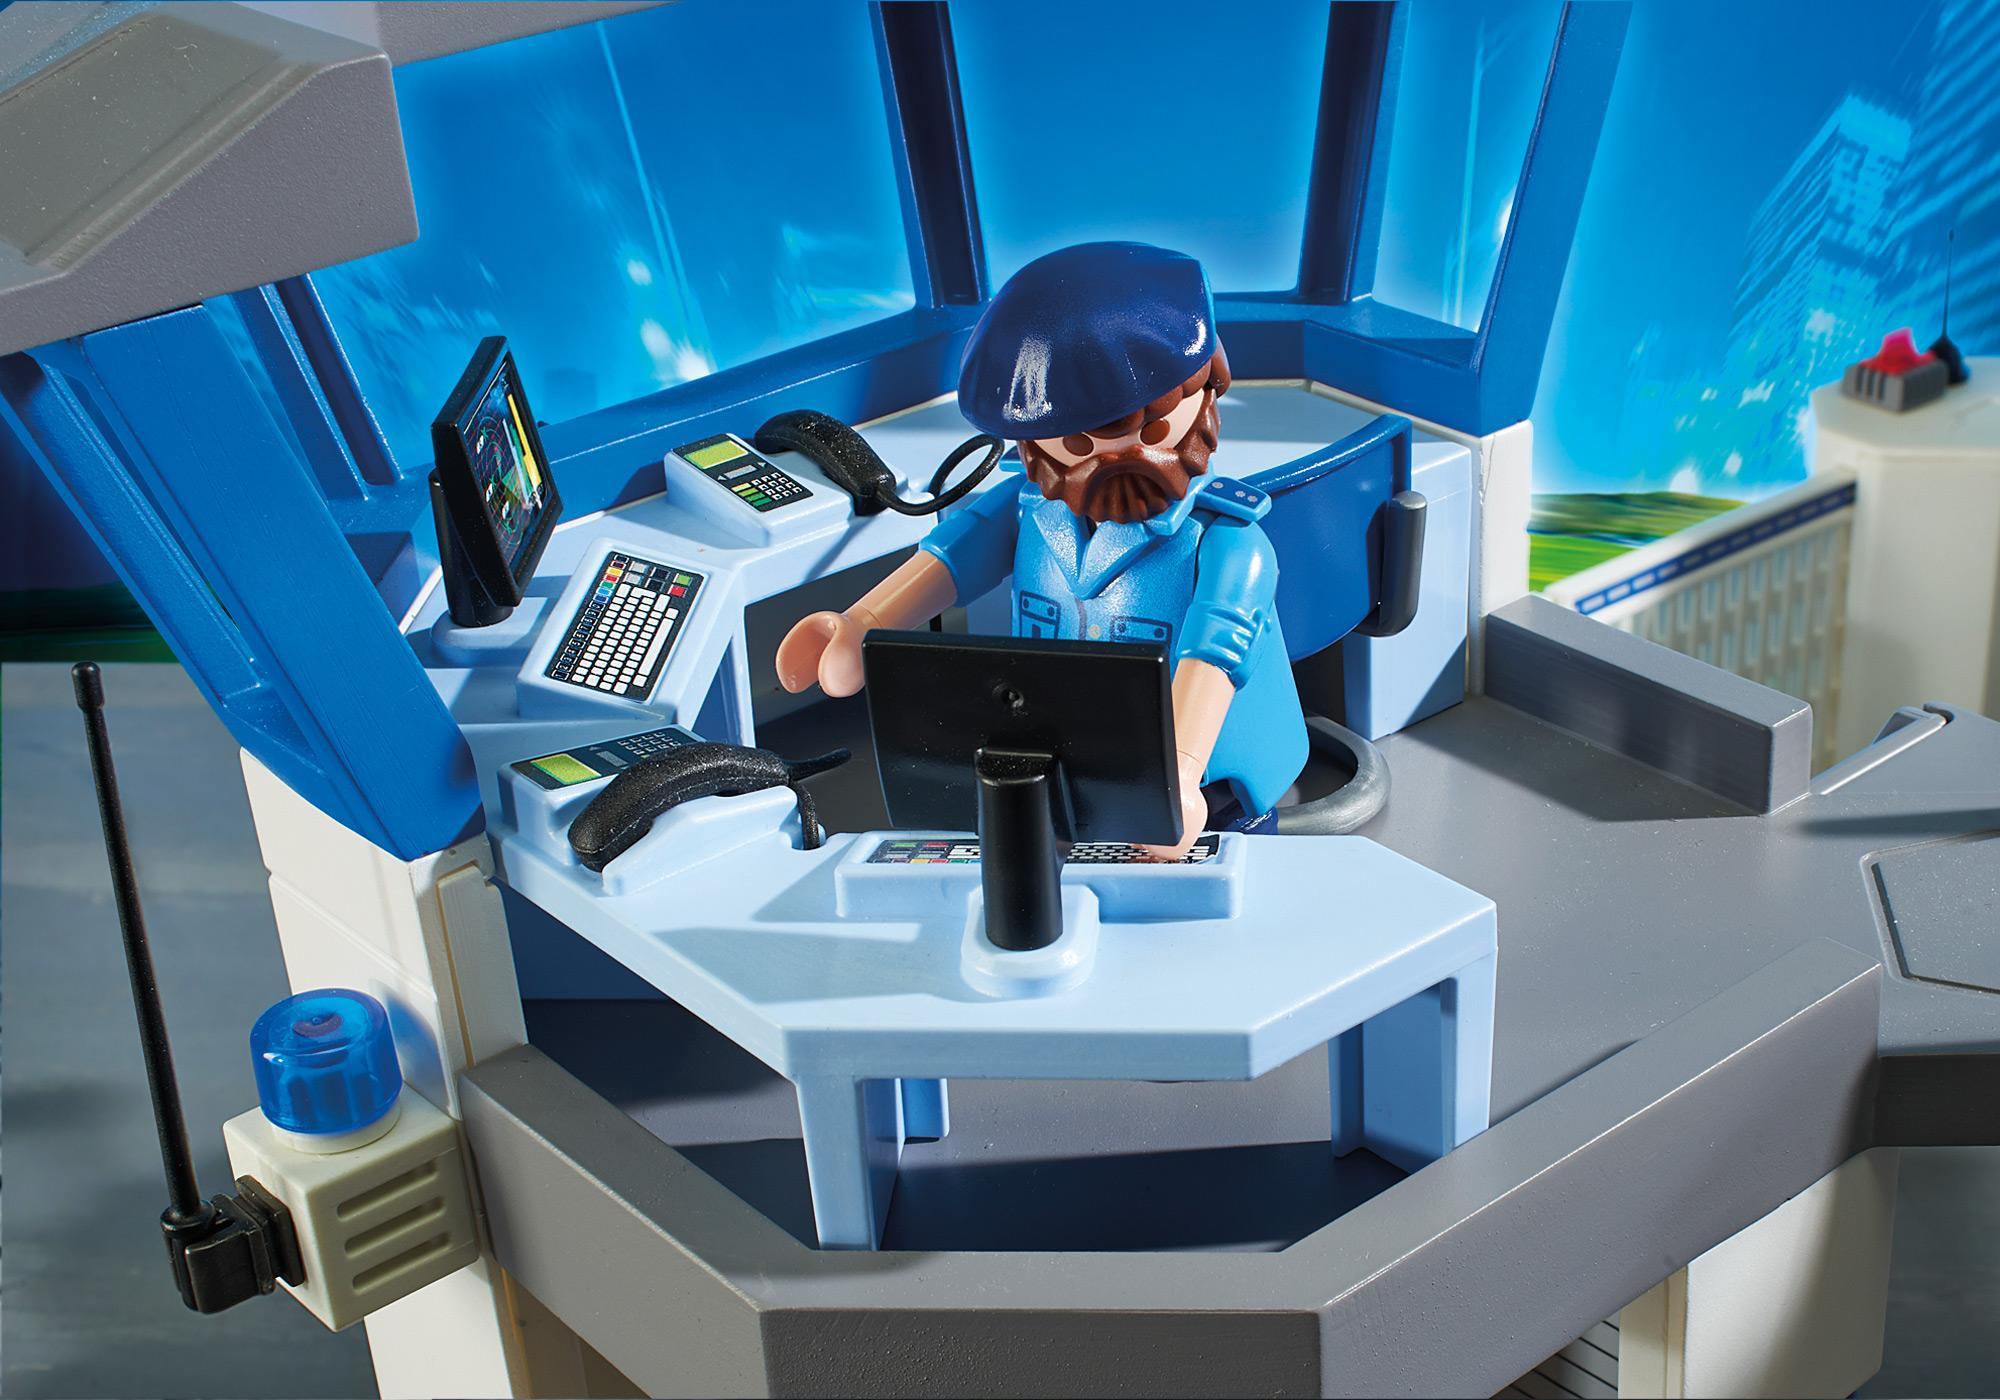 http://media.playmobil.com/i/playmobil/6919_product_extra5/Komisariat policji z więzieniem